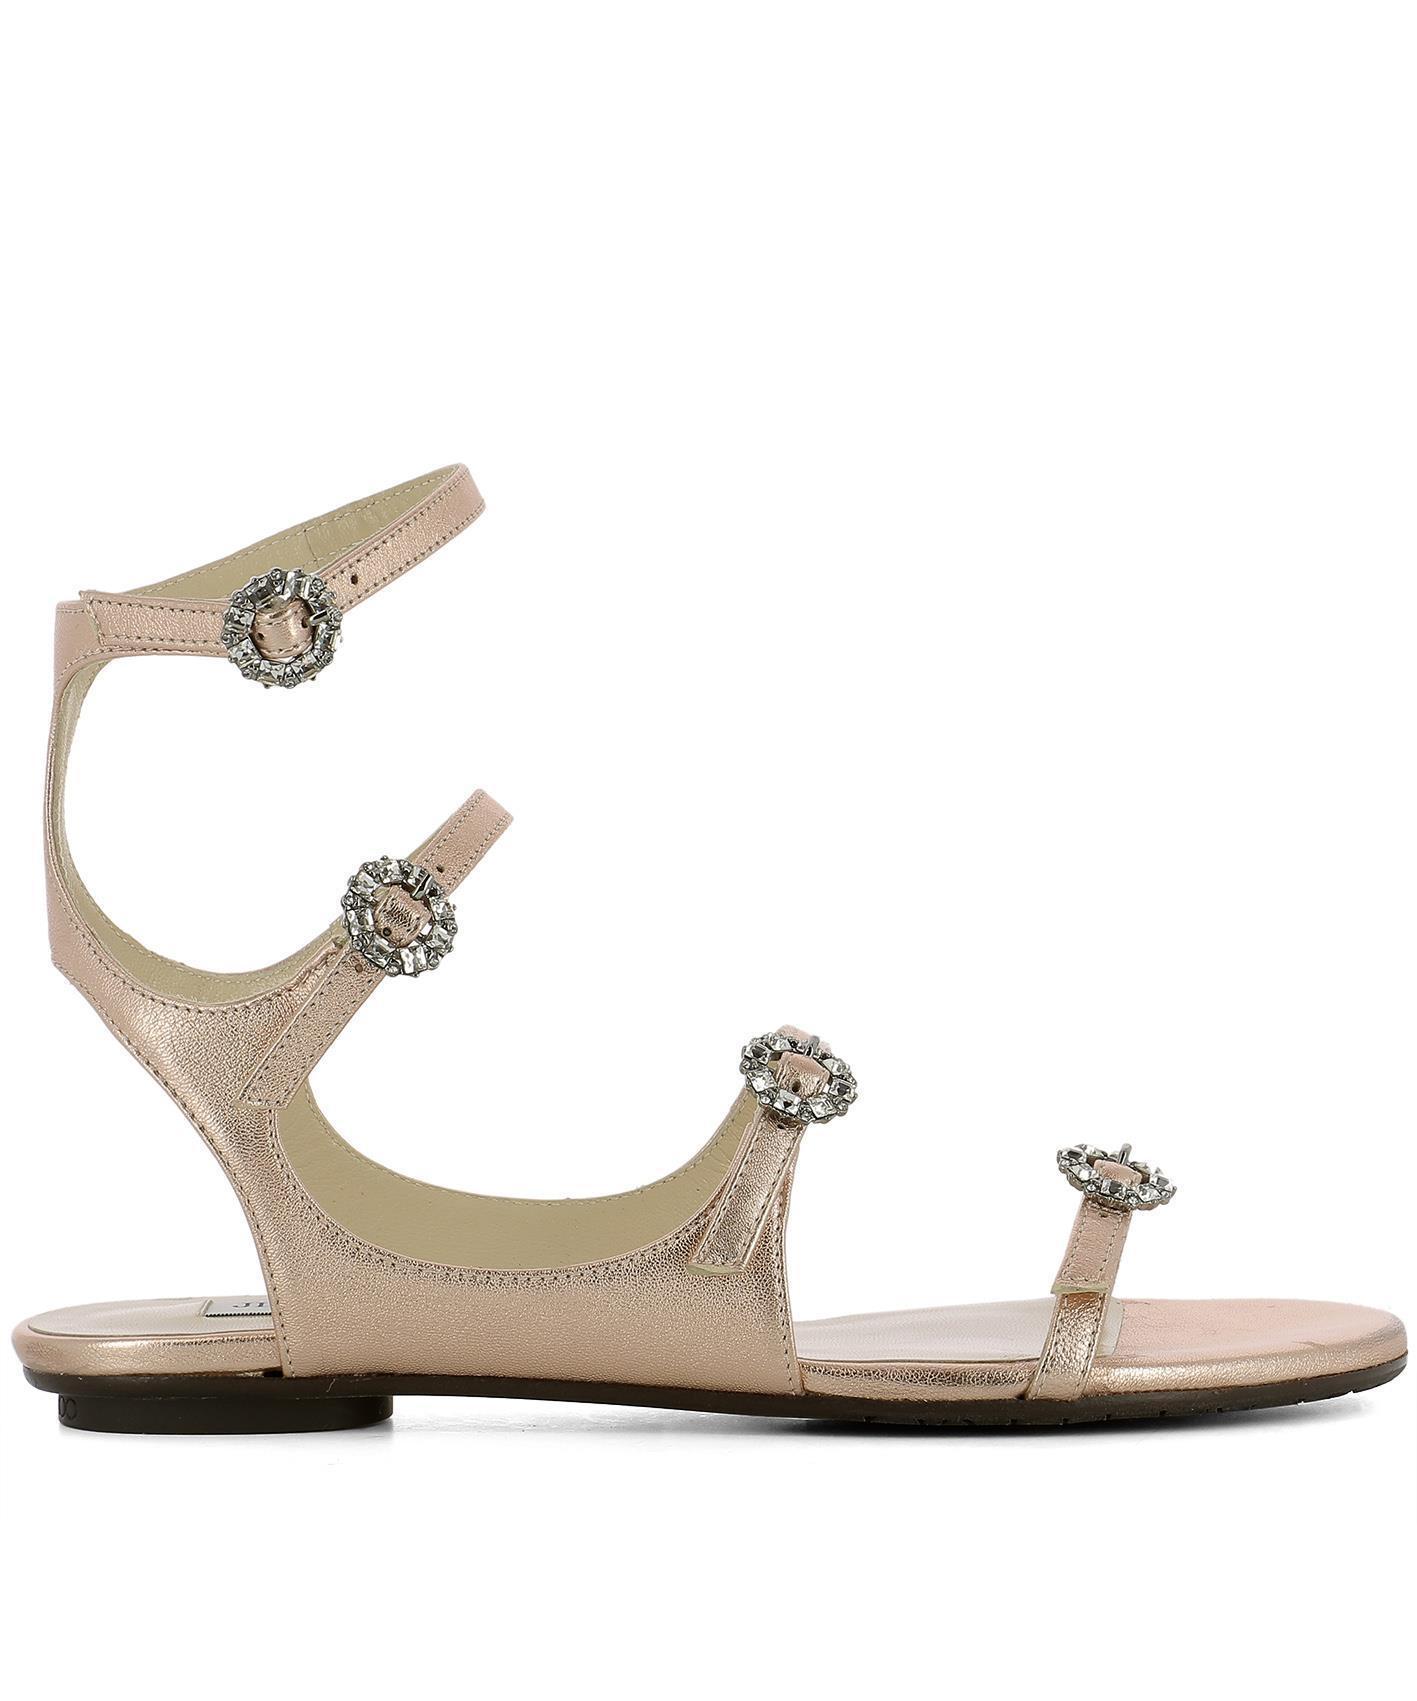 45a4bdd552fa Lyst - Jimmy Choo Naia Crystal Buckle Sandals in Pink